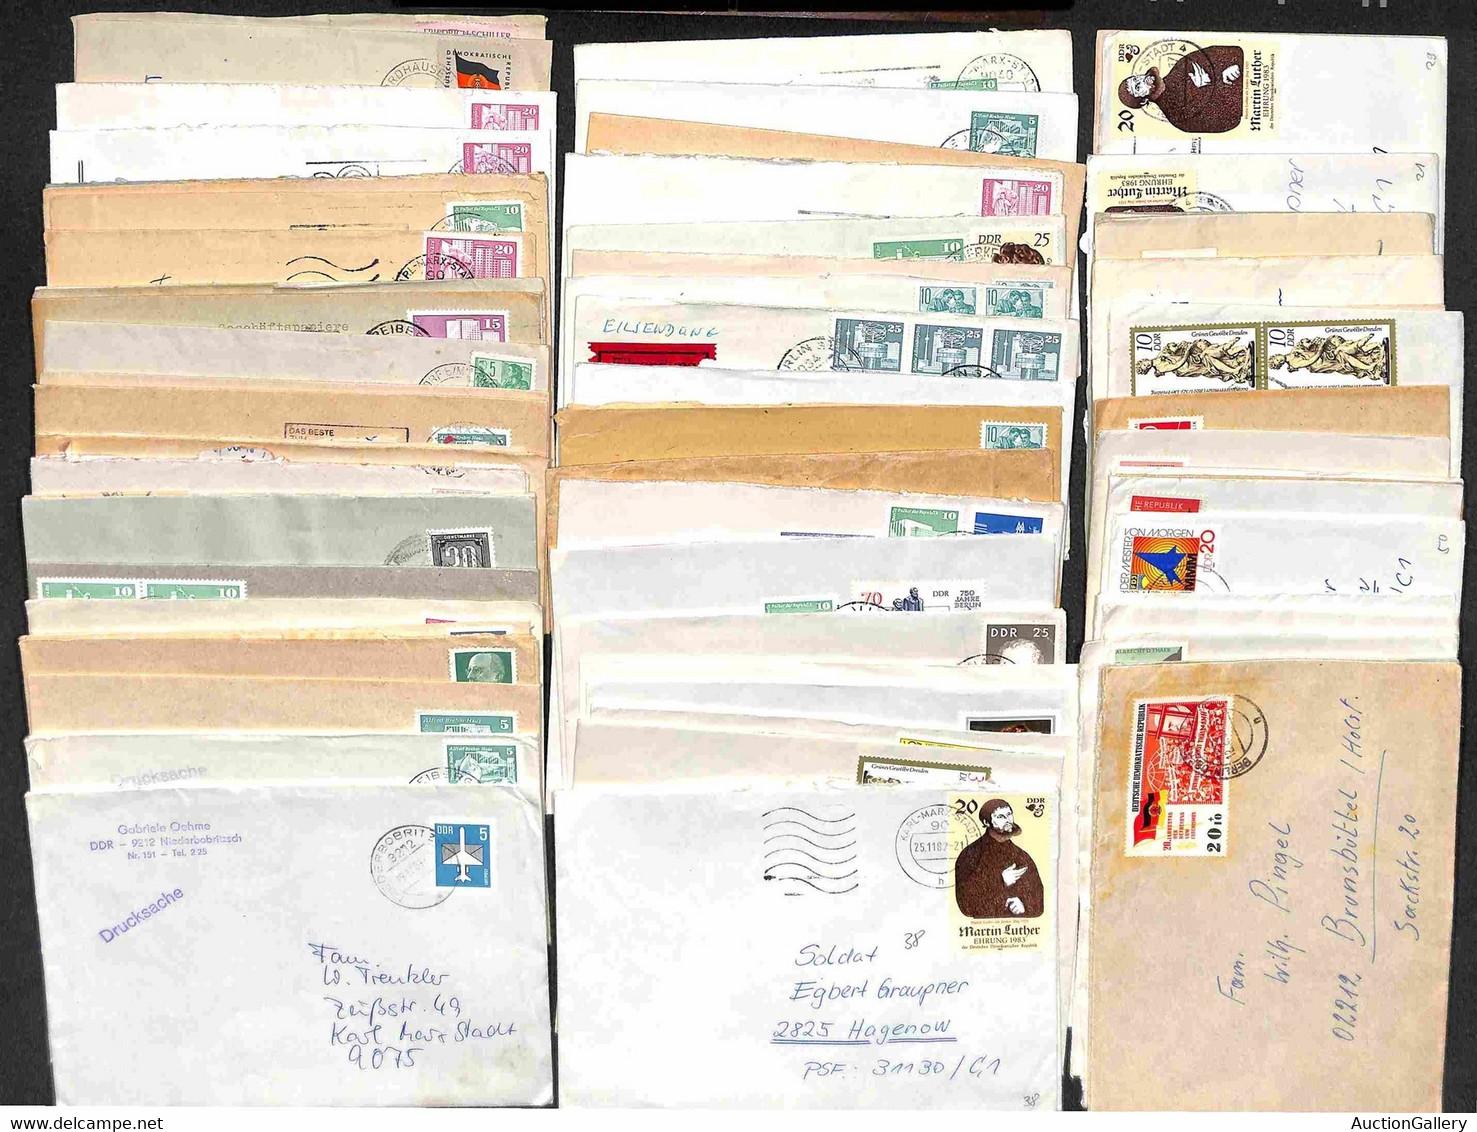 LOTTI & COLLEZIONI - GERMANIA - 1962/1988 - Oltre 100 Buste E Lettere Diverse Con Annulli E Timbri Commemorativi Del Per - Ohne Zuordnung